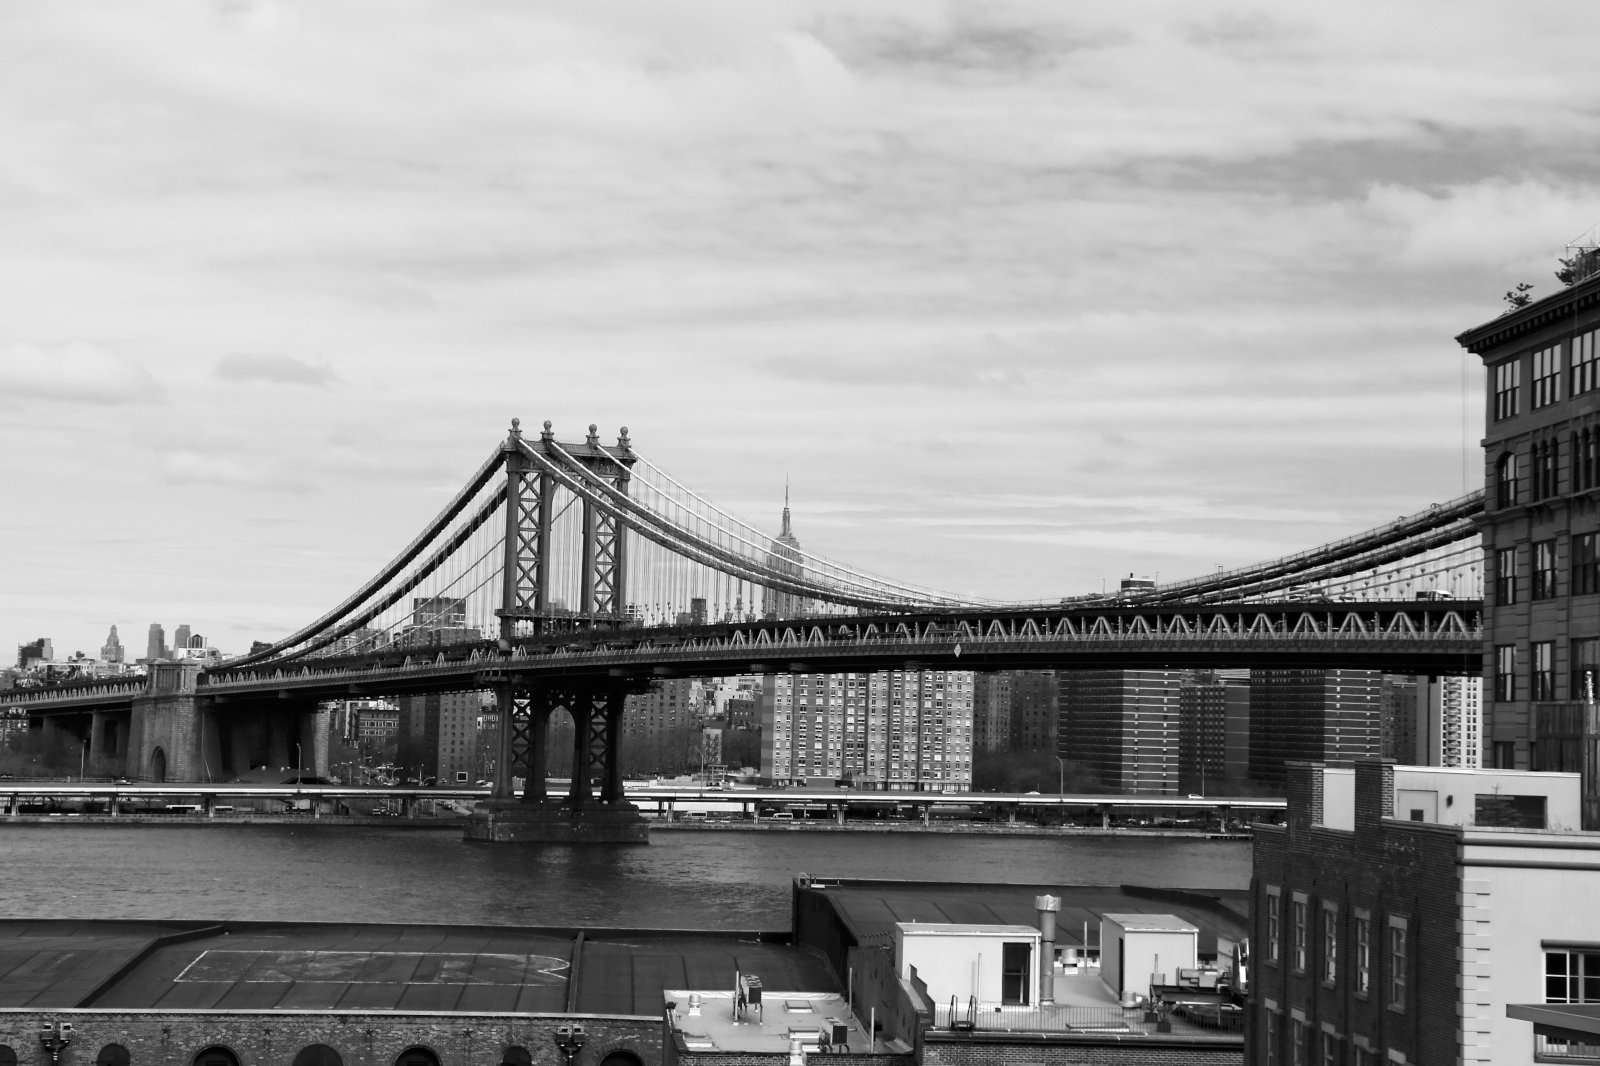 Brooklynský most, brooklyn, manhattan, new york, spojené státy